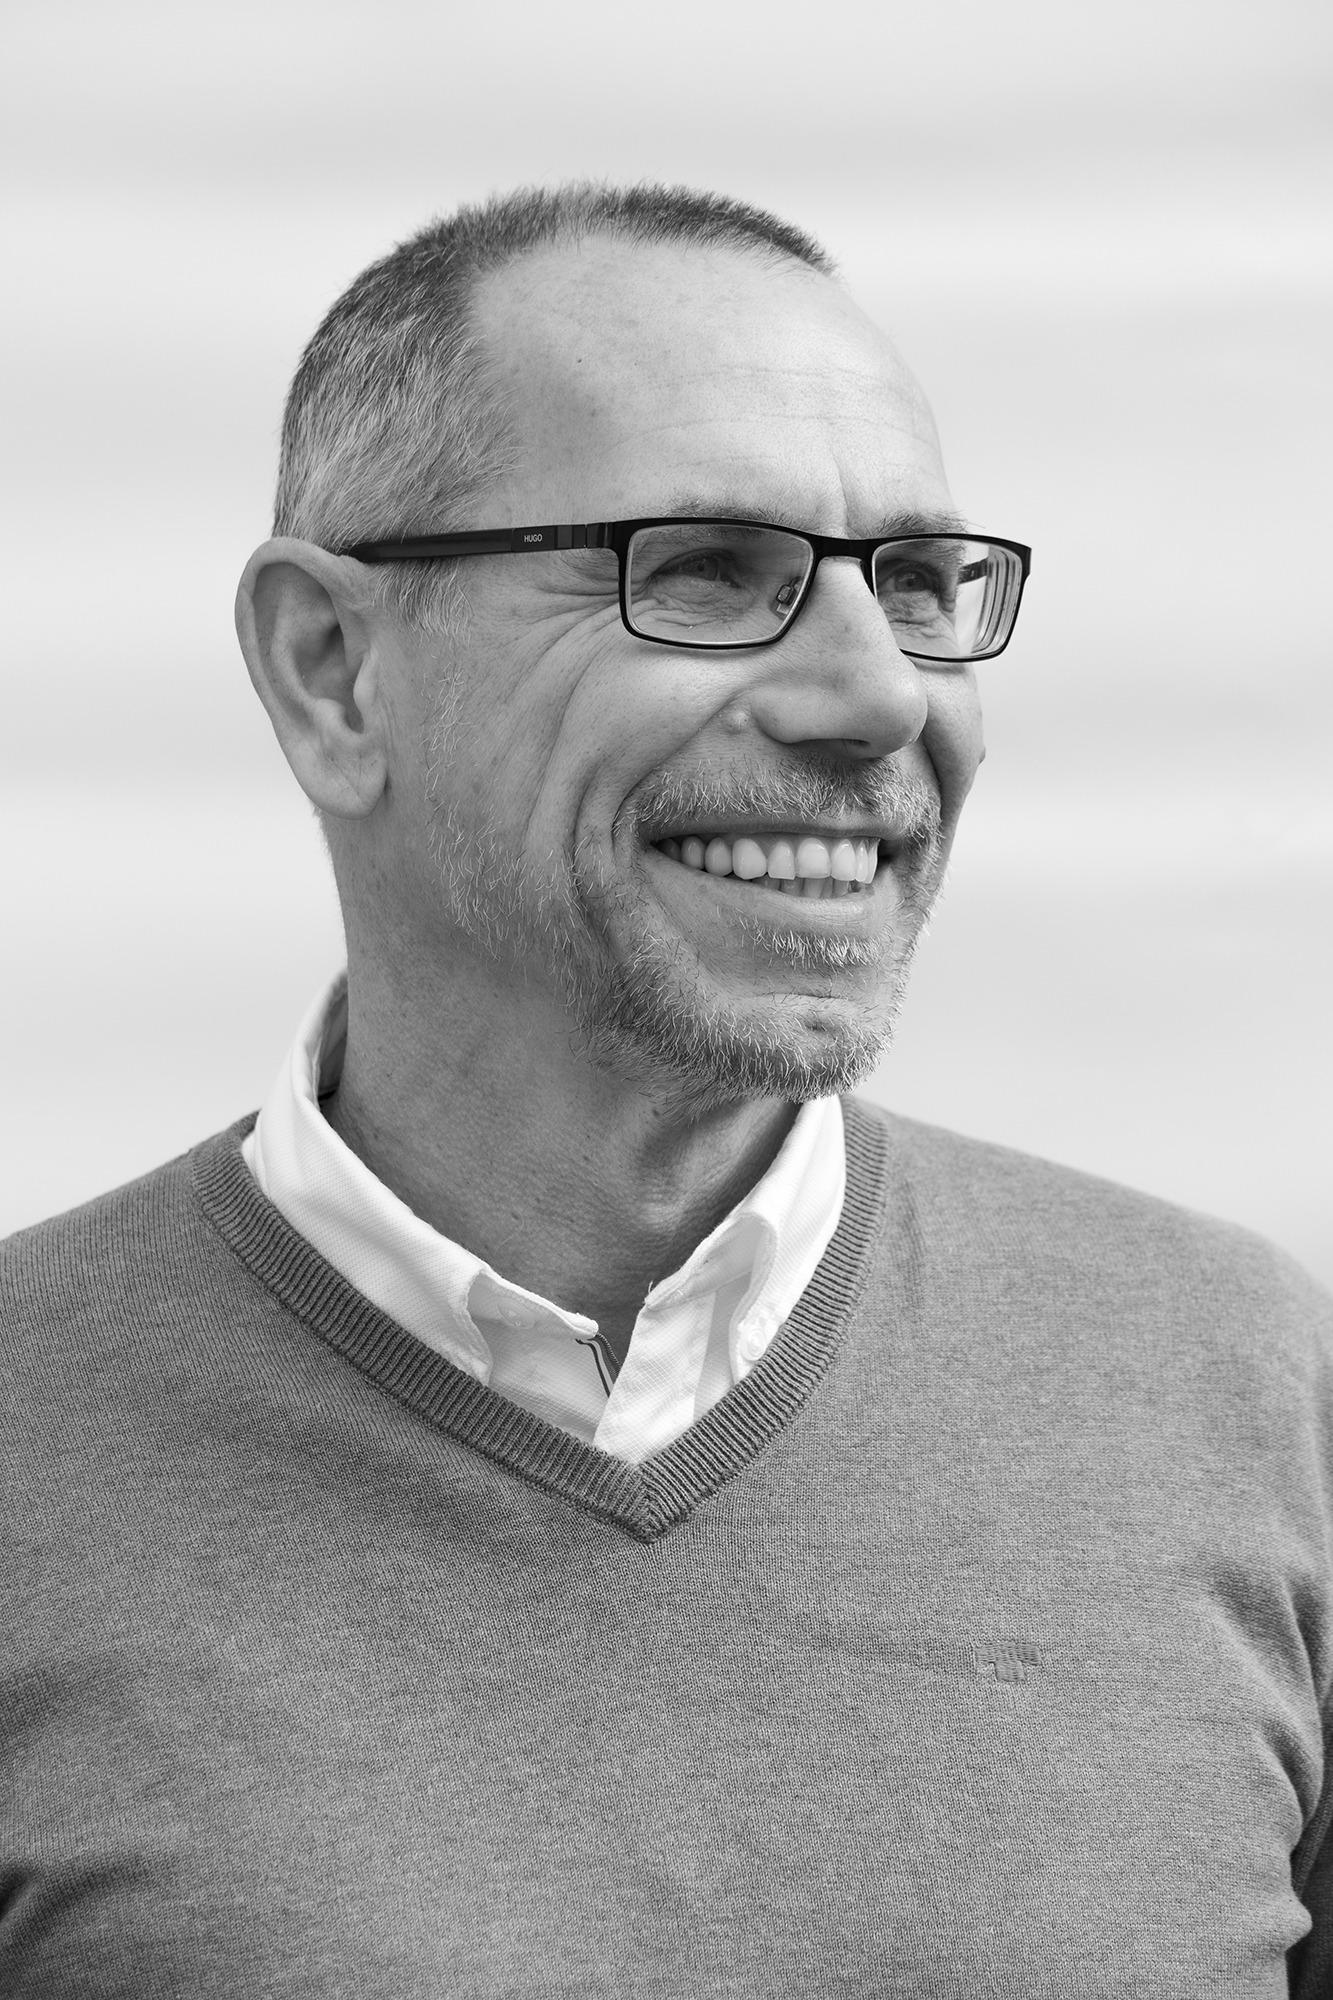 Markus Dielacher